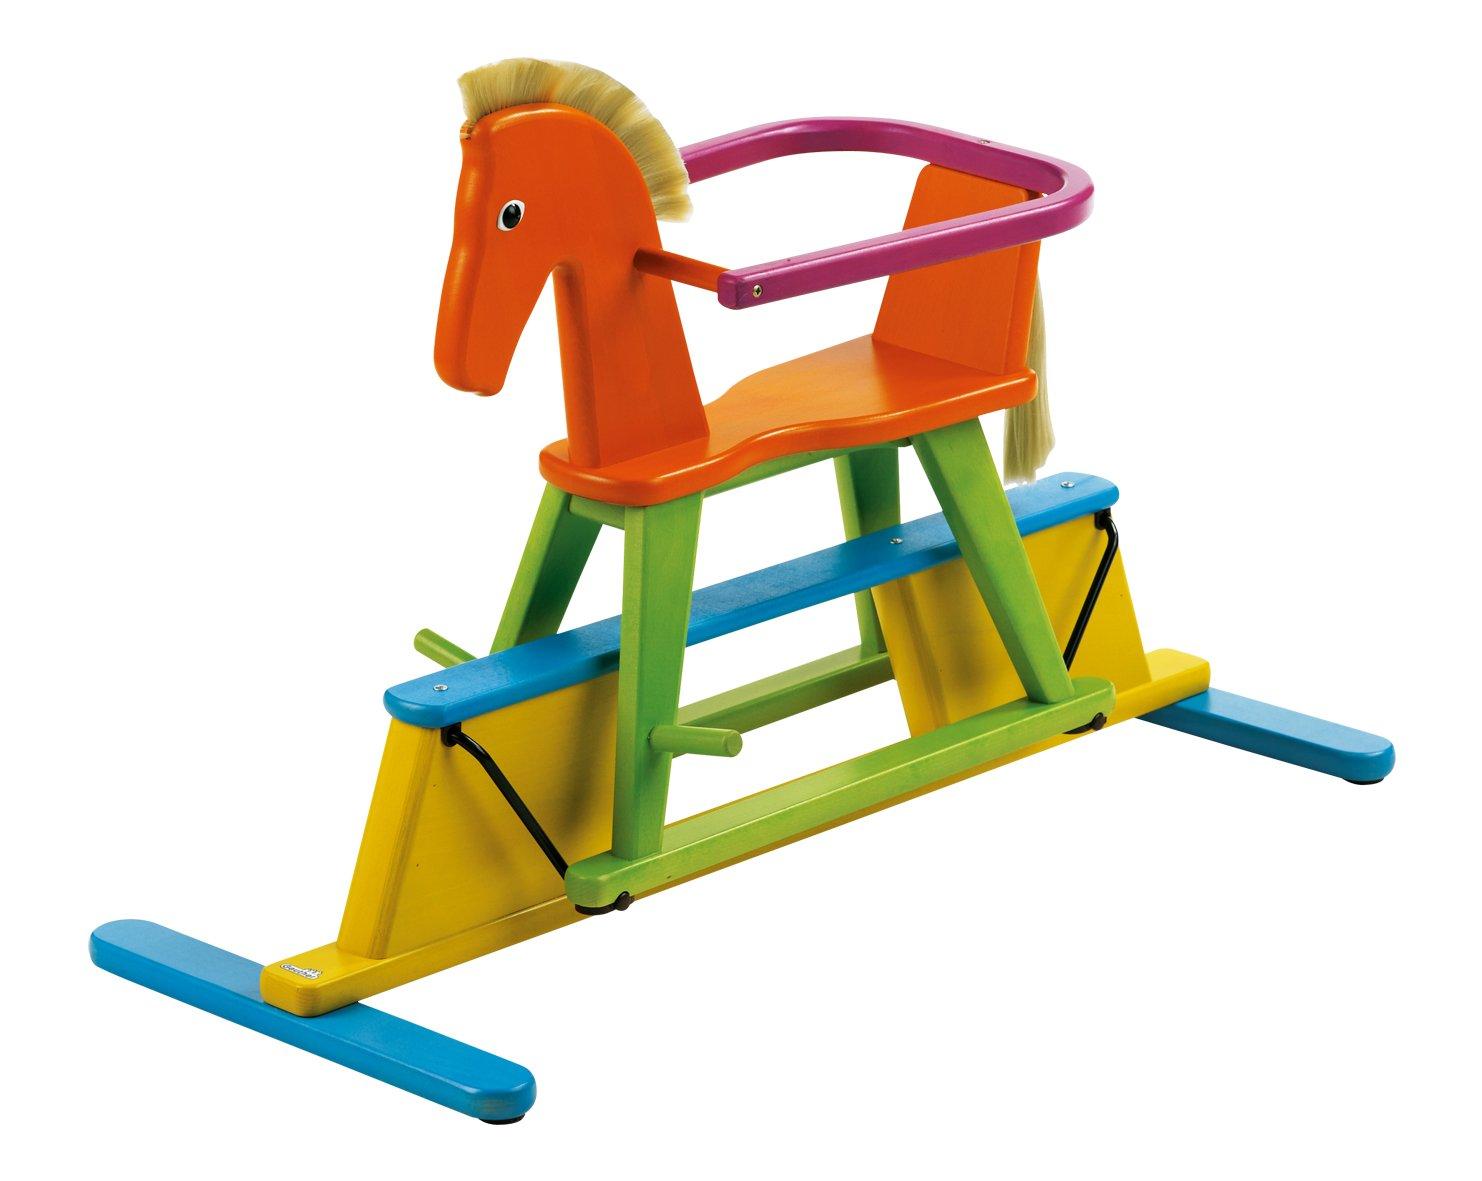 Geuther - GS Siegel, Kinderschaukel Swingly, abnehmbarer Schutzring, funny